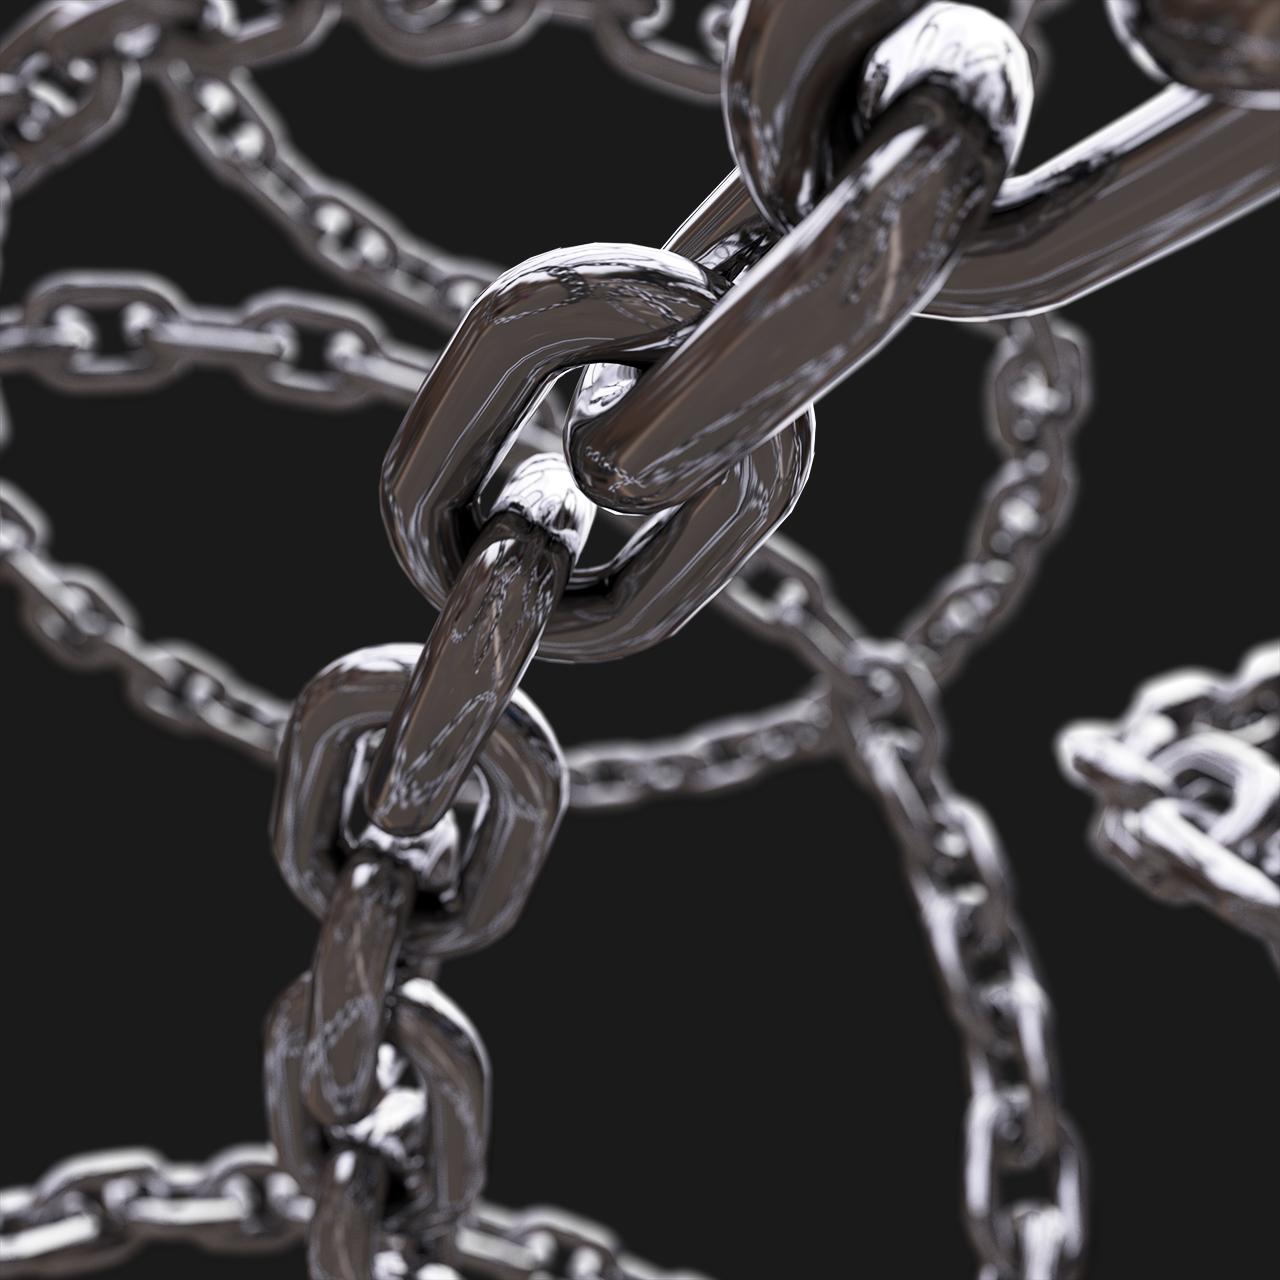 [淘宝购买] 40款高清虹彩镀铬3D渲染铁链PNG免抠图片素材 Dread Renders VOL. 1插图(3)